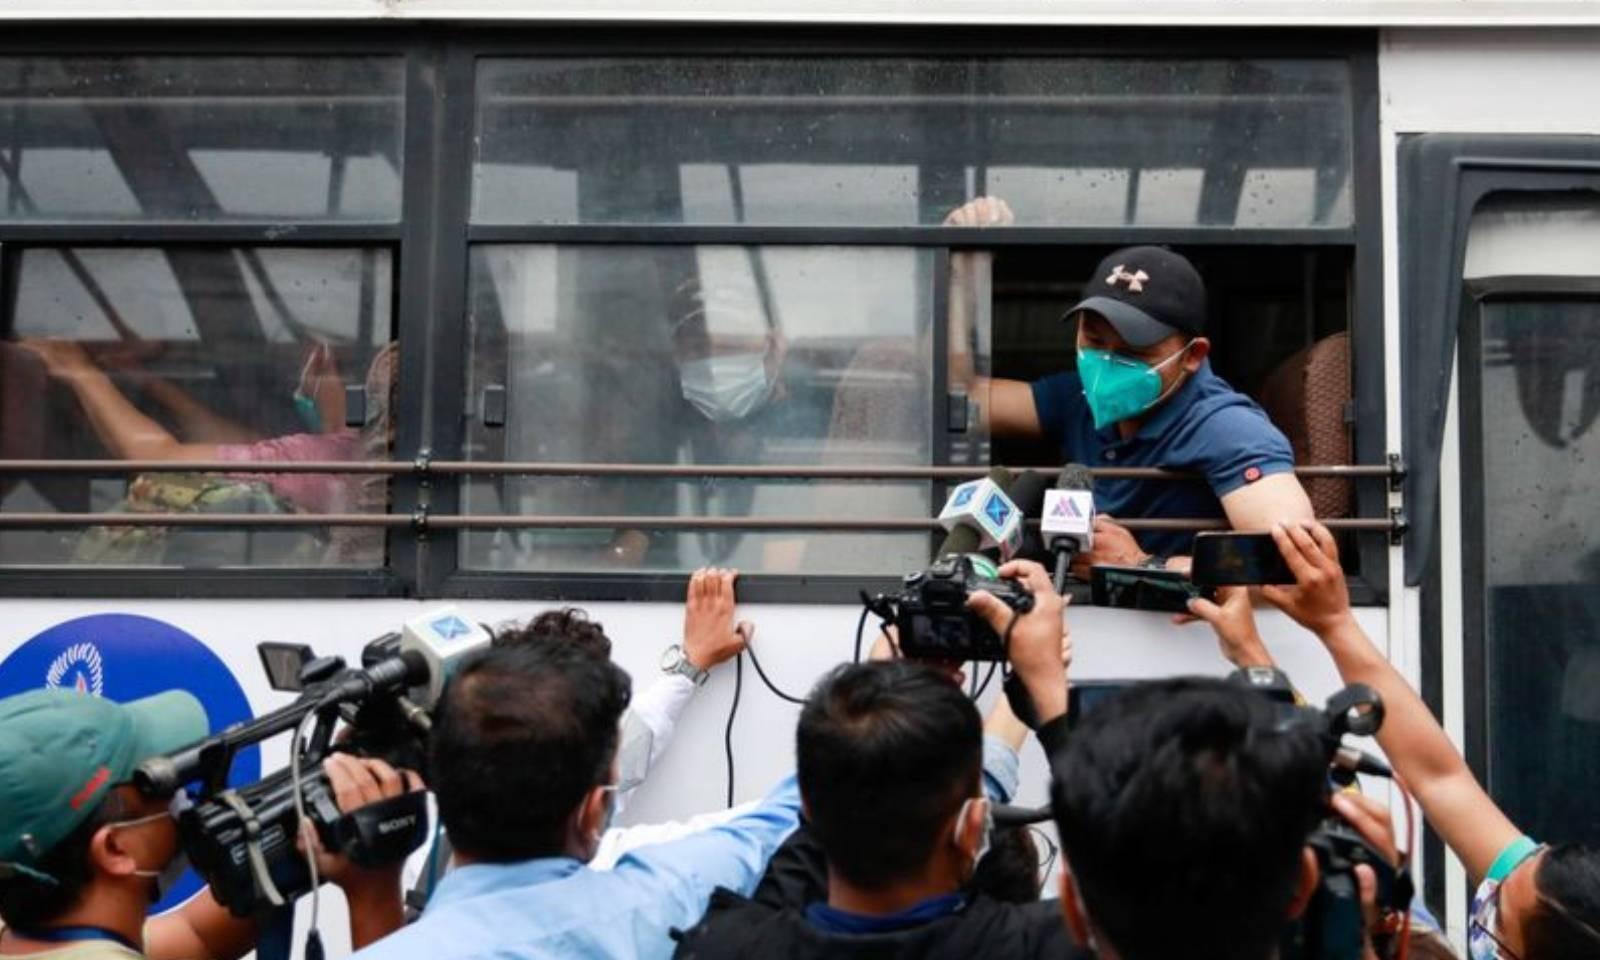 افغانستان سے آنے والے نیپالی شہری کھٹمنڈو میں میڈیا سے گفتگو کررہے ہیں — فوٹو: رائٹرز